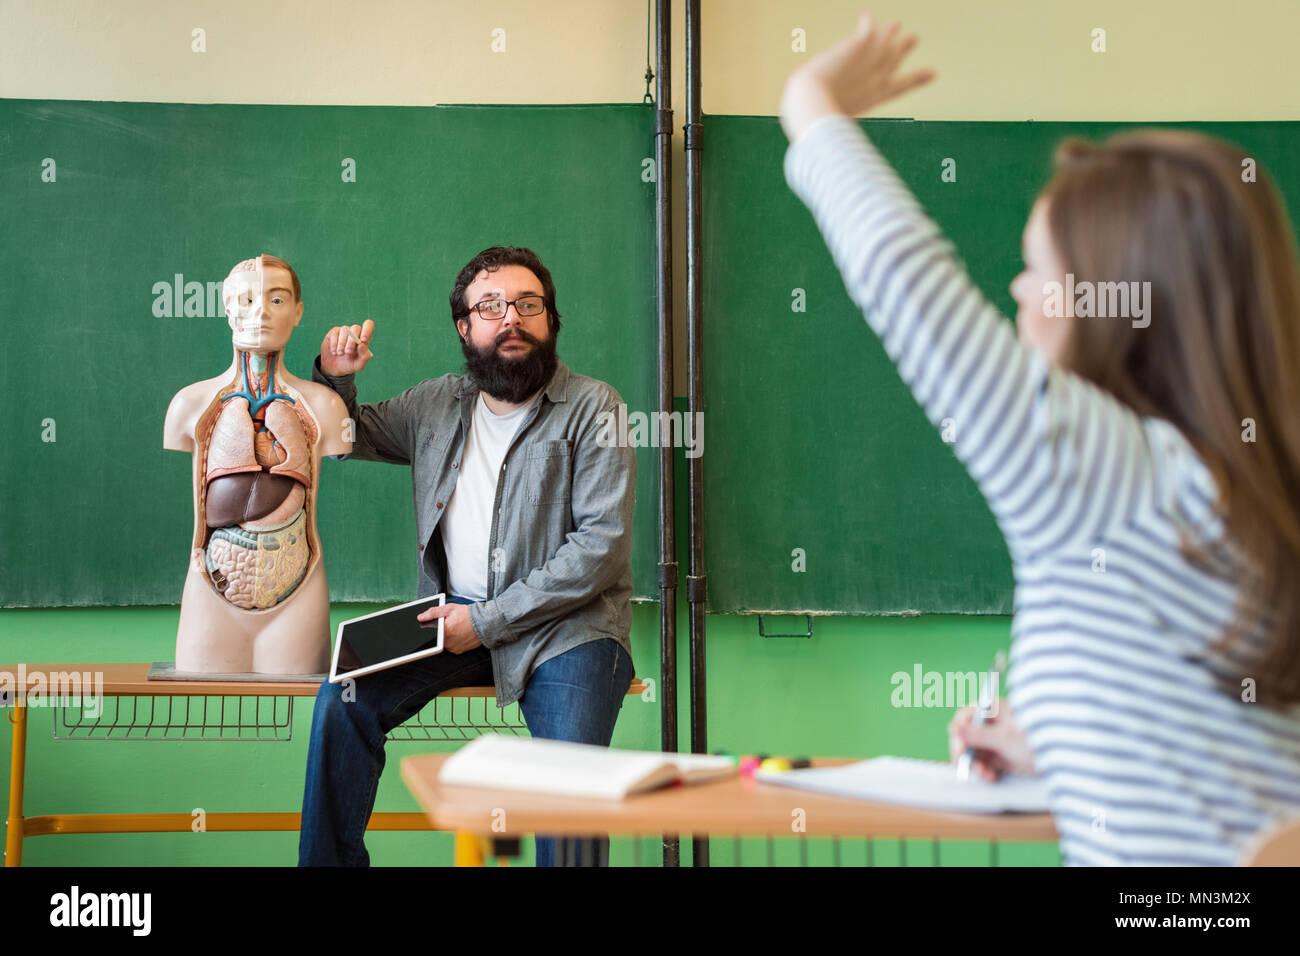 Macho joven profesores hispanos en clase de biología, sosteniendo digital y tableta enseñar anatomía del cuerpo humano, utilizando modelos artificiales en el cuerpo. Imagen De Stock